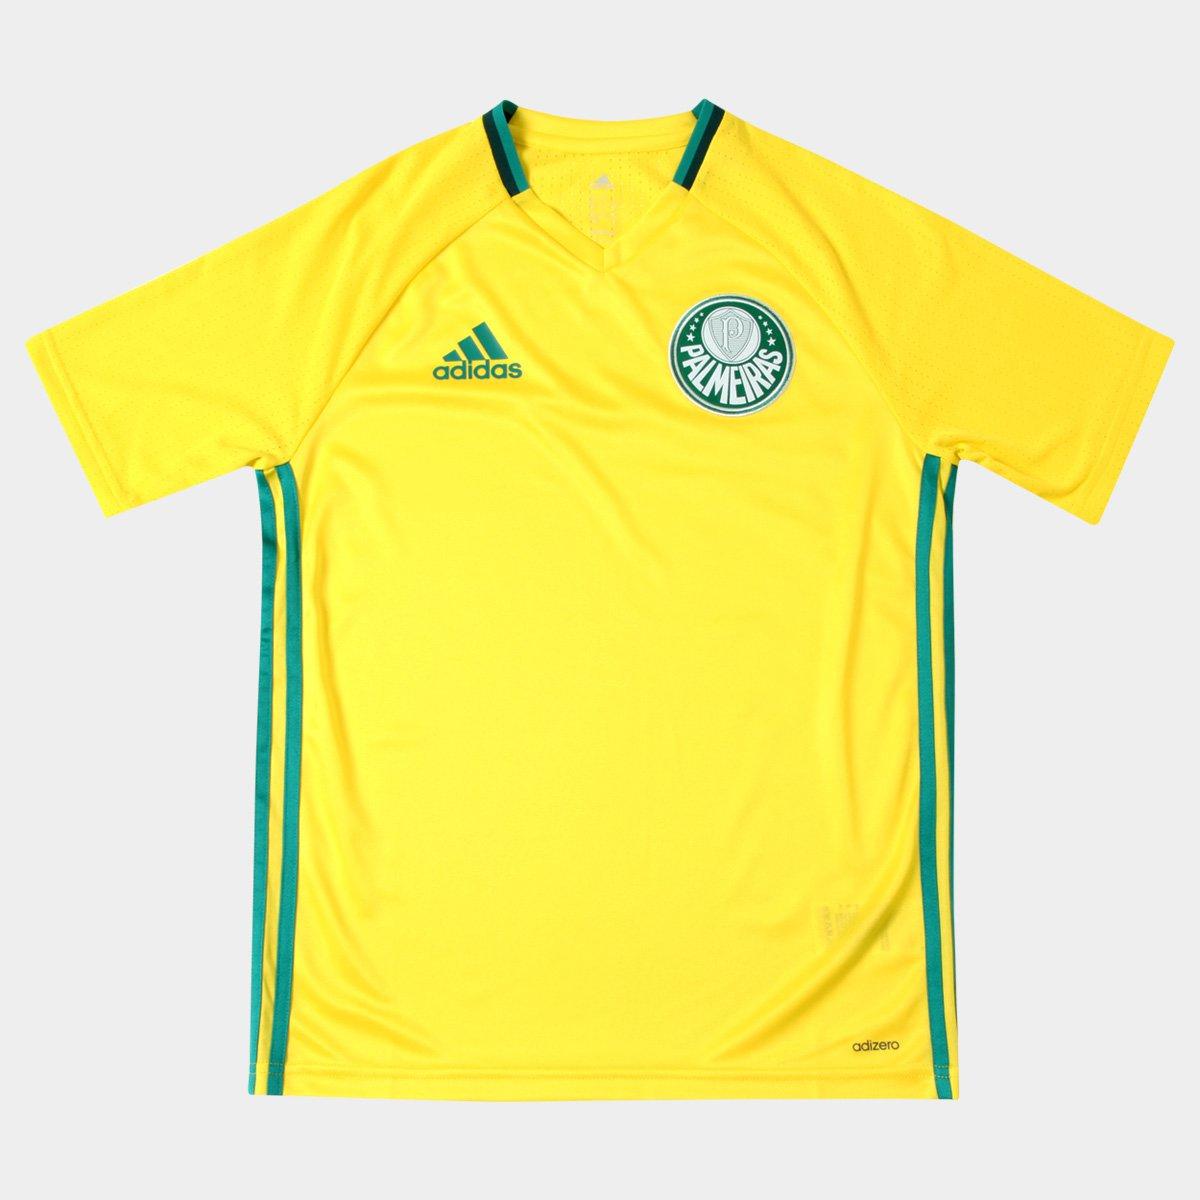 86c6e26f07 Camisa Adidas Palmeiras Treino 2016 Infantil - Compre Agora